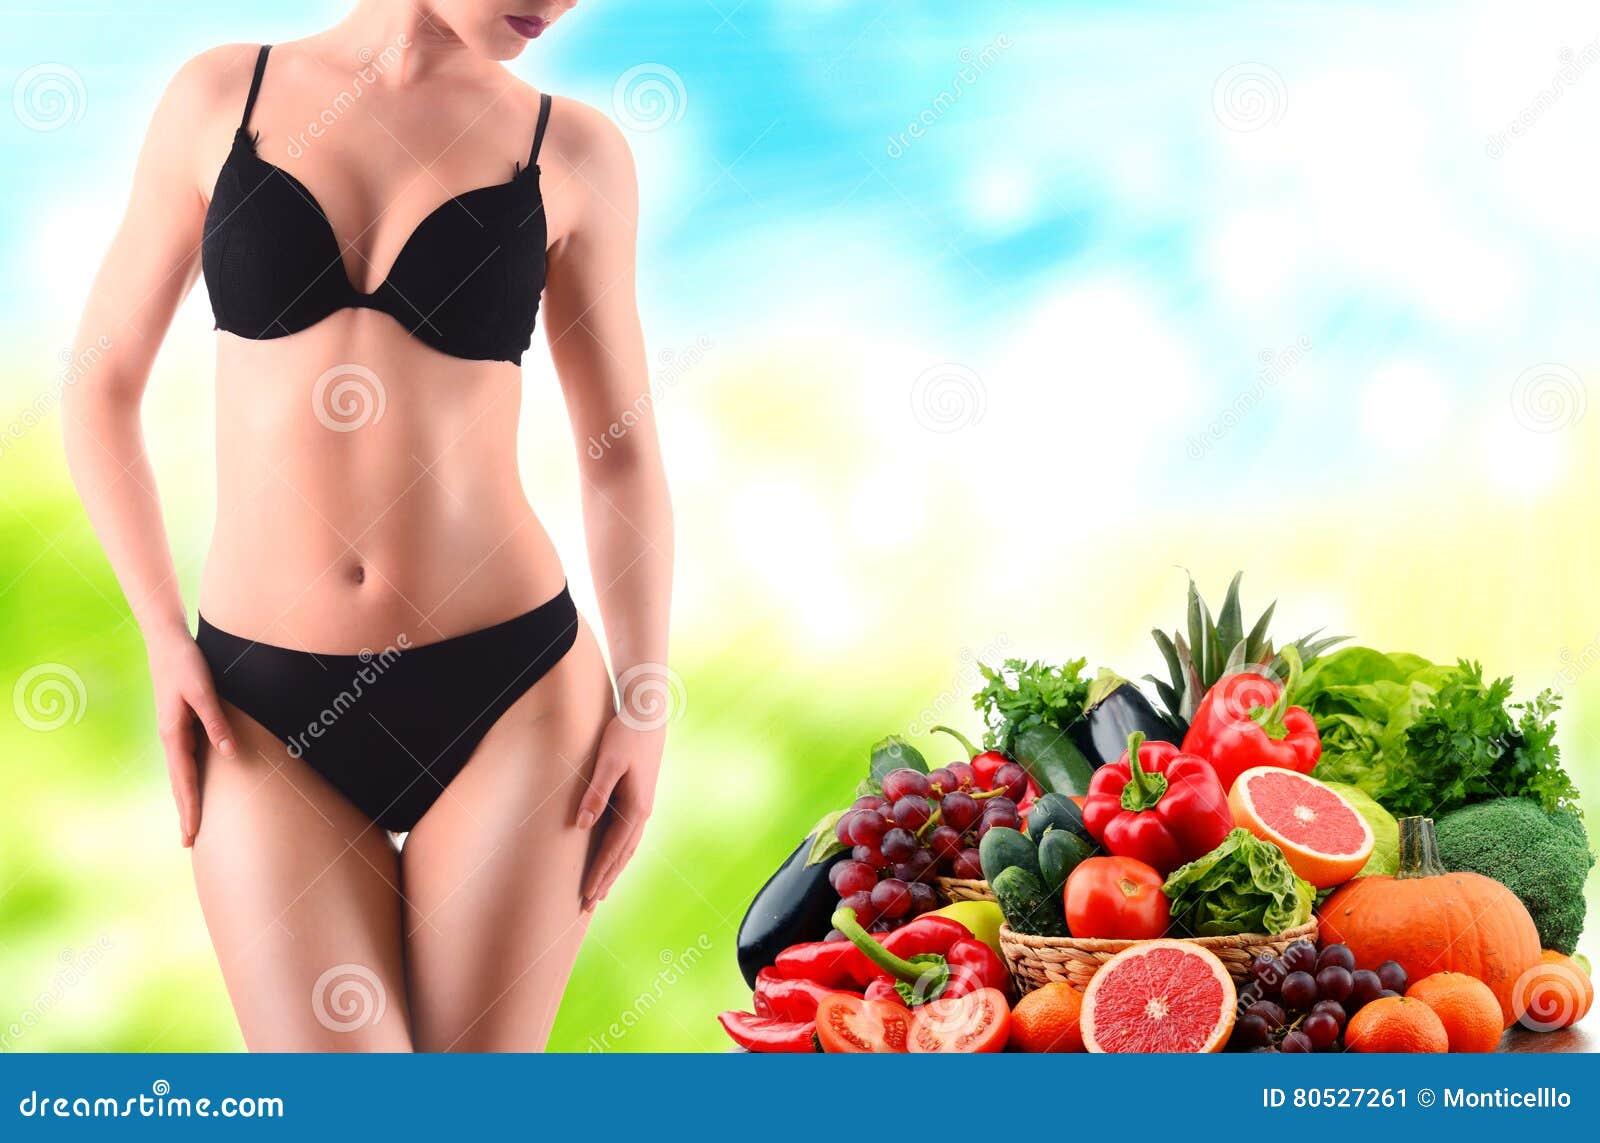 Alimentation équilibrée basée sur les légumes et les fruits organiques crus